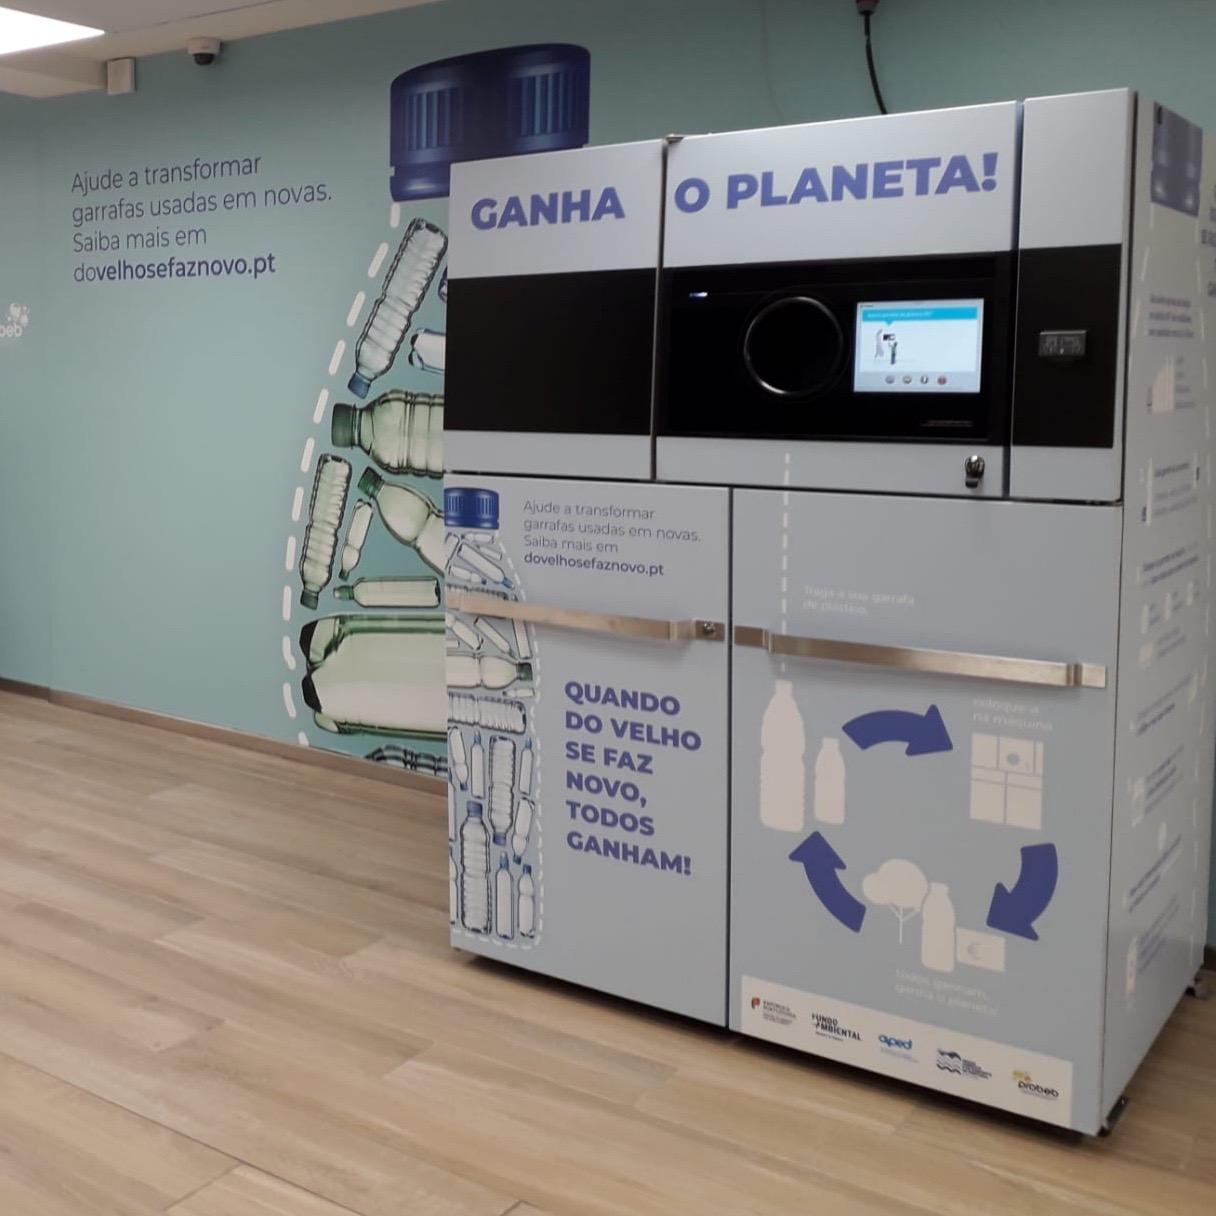 Mais de um milhão de embalagens de bebidas em plástico devolvidas em máquinas automáticas entre Março e Junho